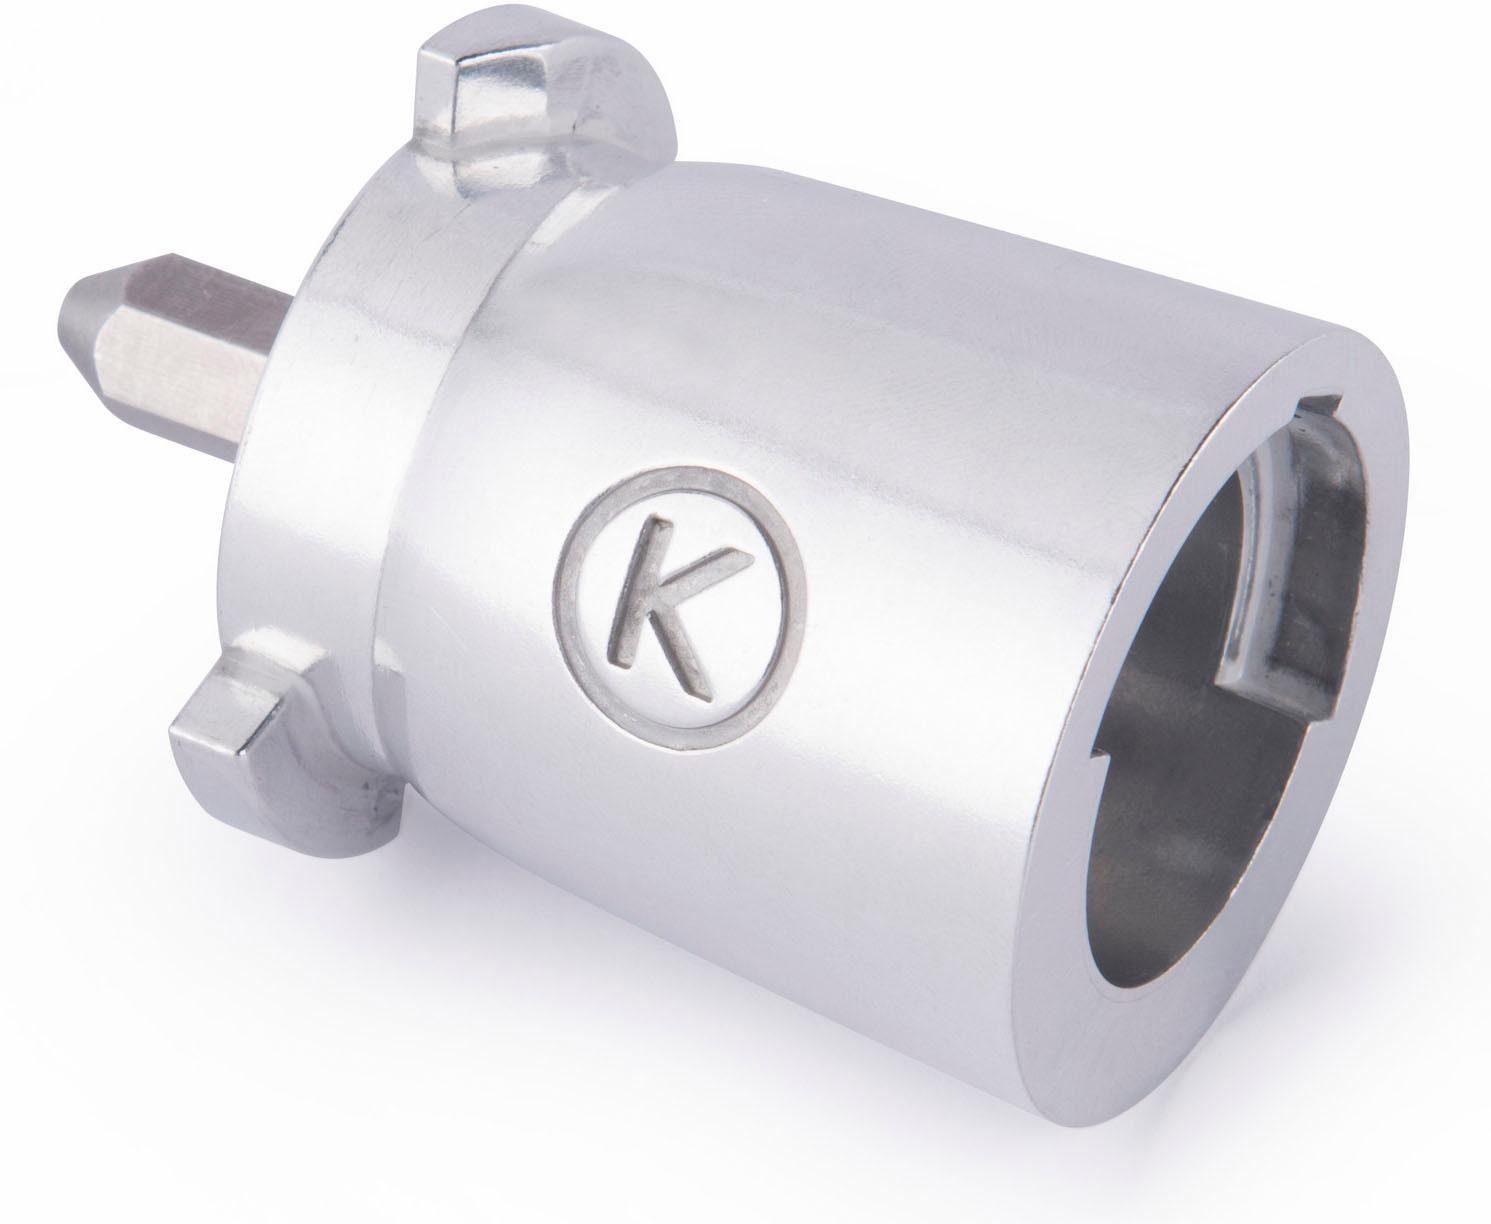 KENWOOD Küchenmaschinen-Adapter KAT002ME, für Zubehör